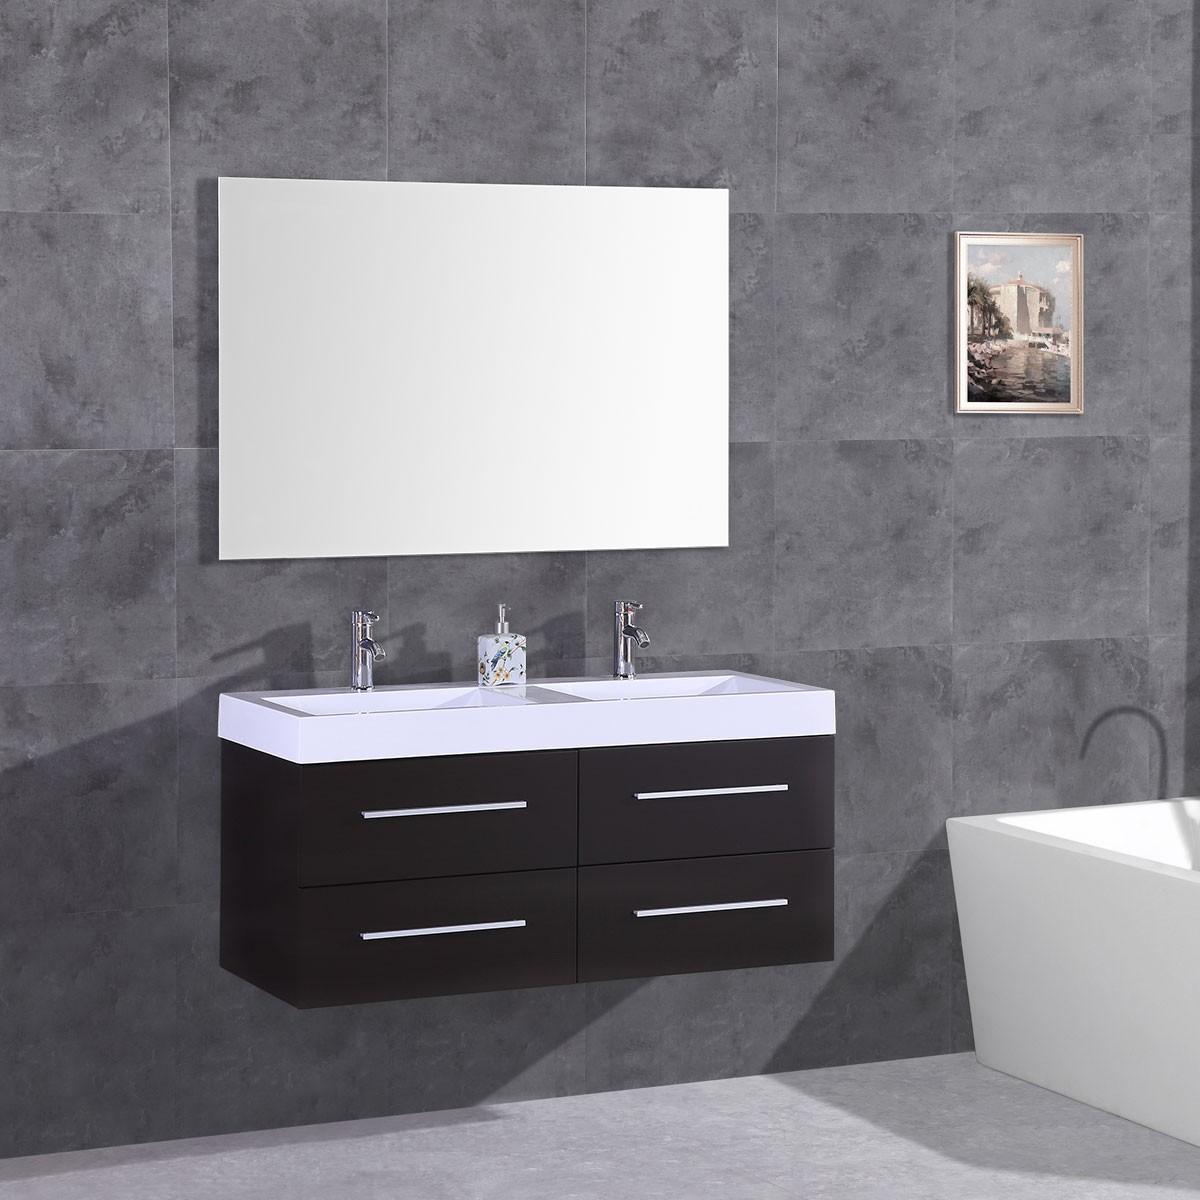 """Ensemble 3 pièces avec vanité 48"""", lavabo et miroir assorti (DK-T9018B-SET)"""